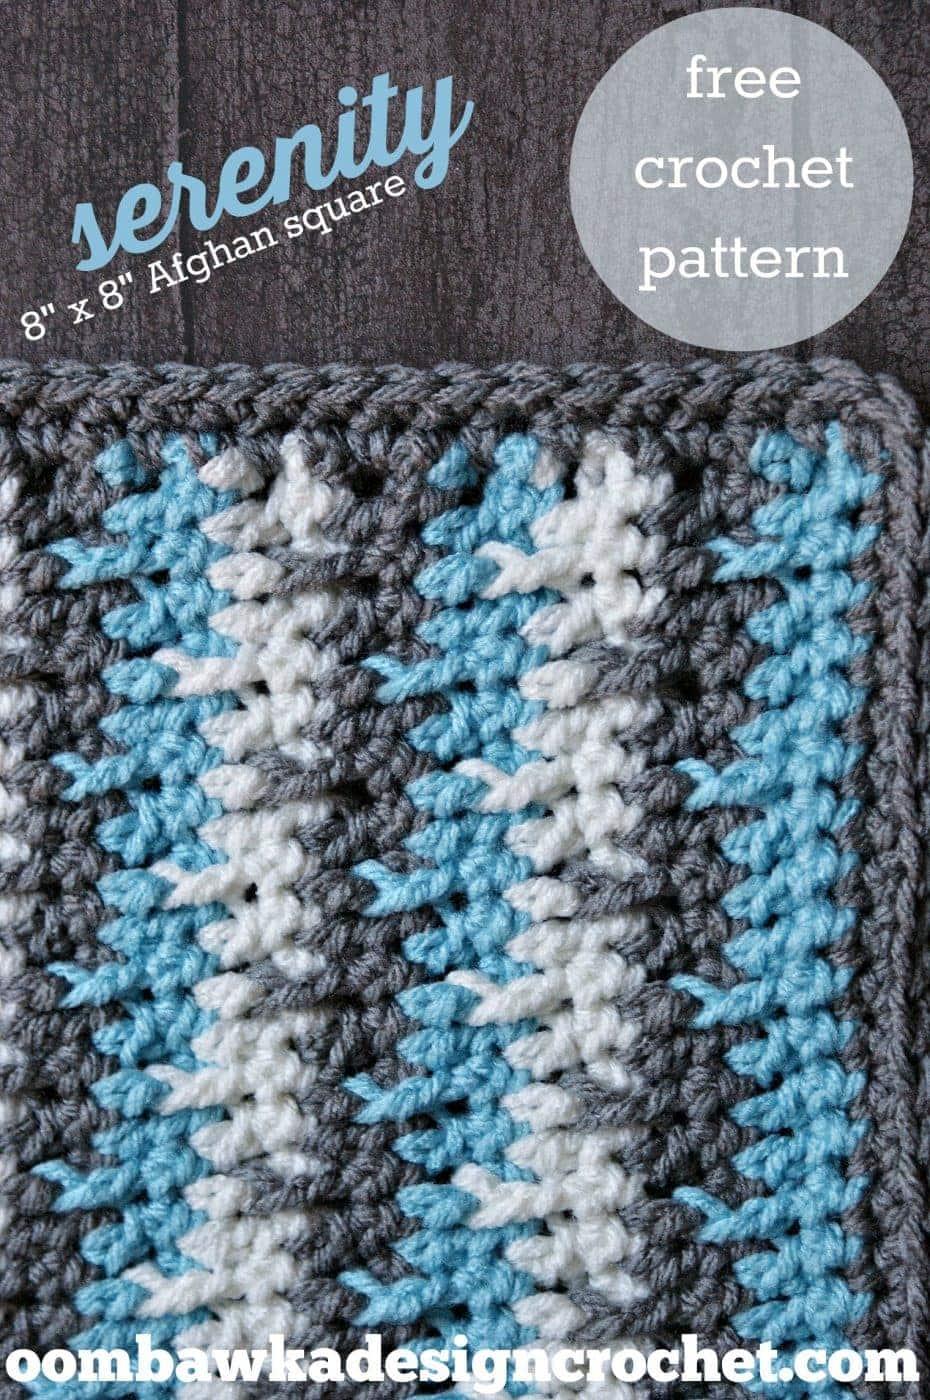 Crochet Stitches Rs : 99 Crochet Post Stitches Review ? Oombawka Design Crochet